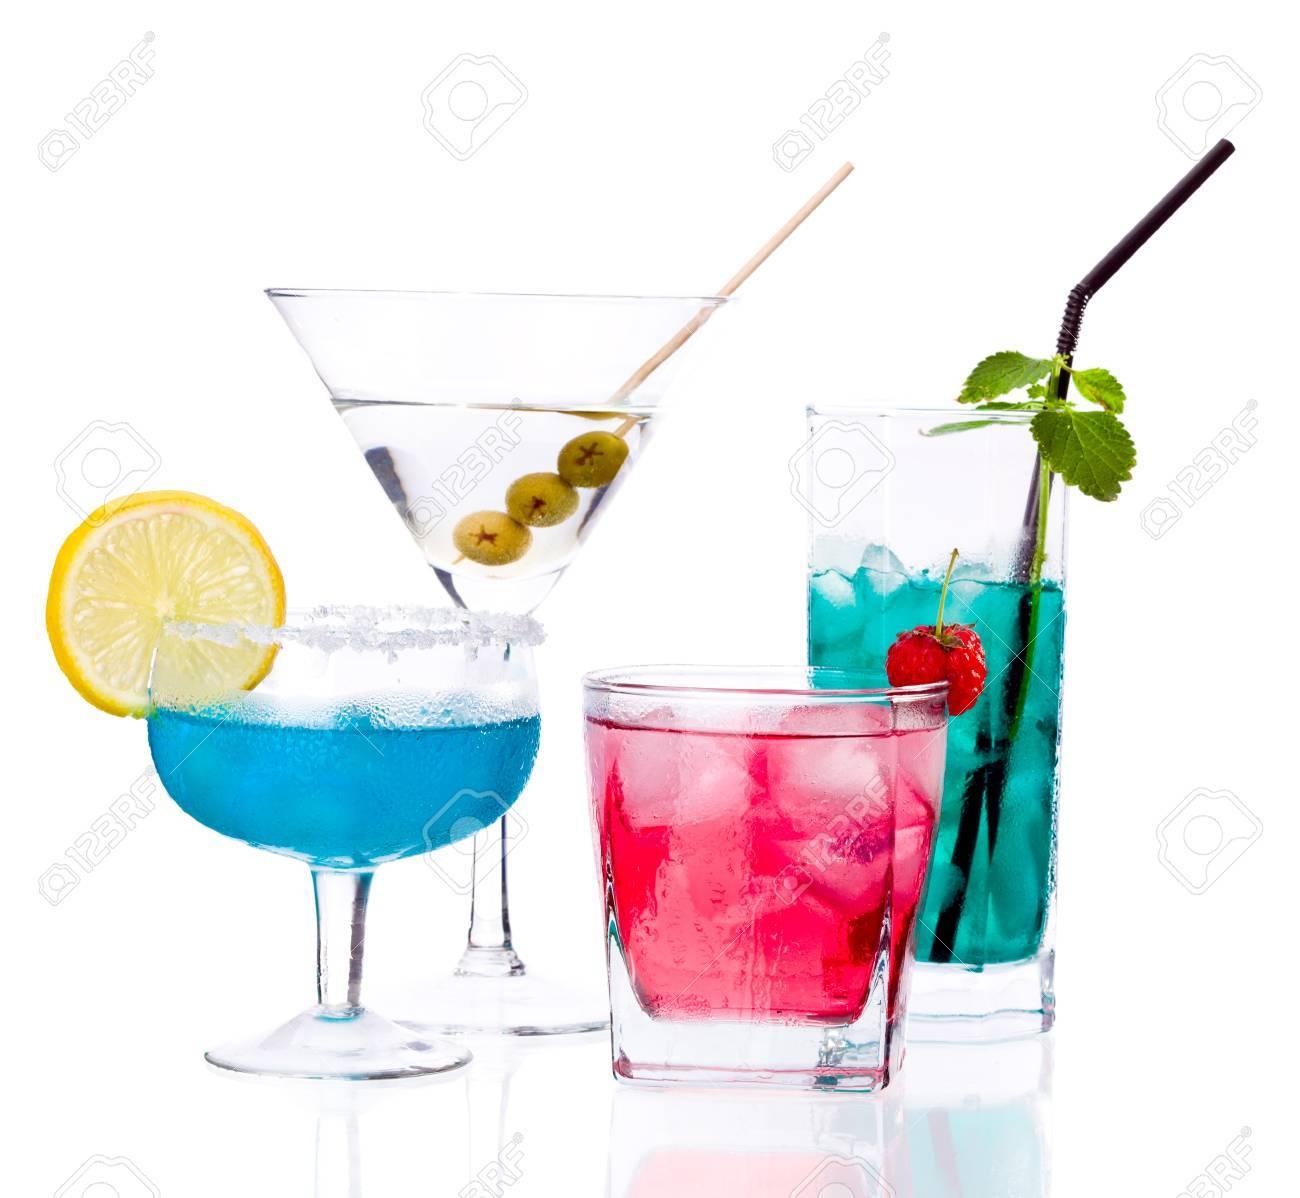 Tropische Getränke Isoliert Auf Weißem Hintergrund Lizenzfreie Fotos ...